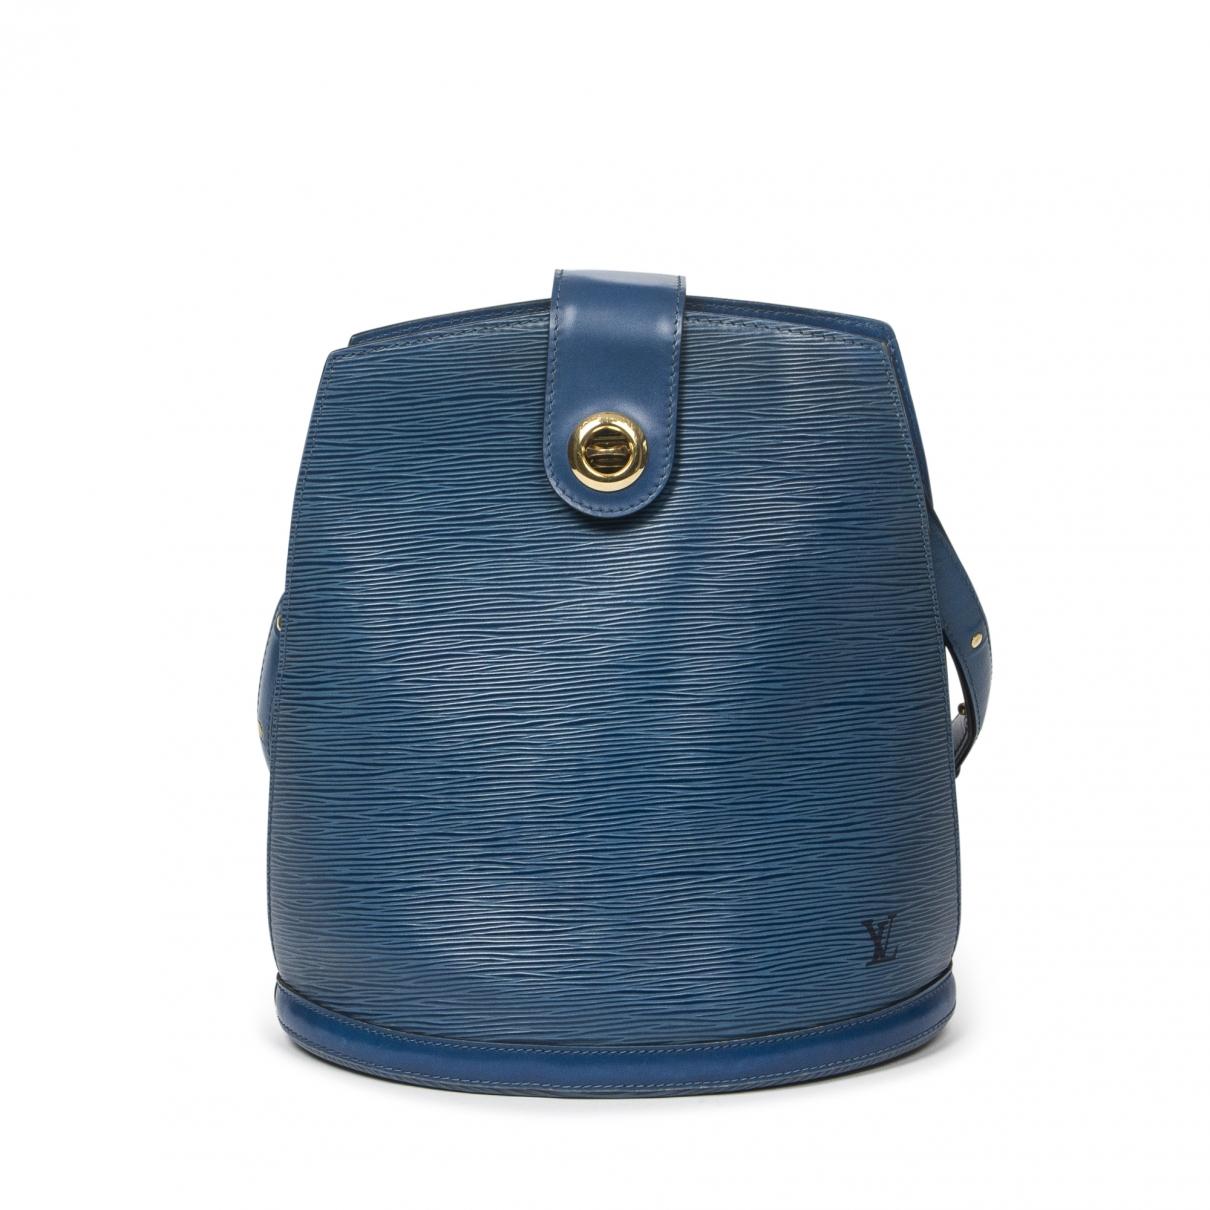 Louis Vuitton Cluny Handtasche in  Blau Leder